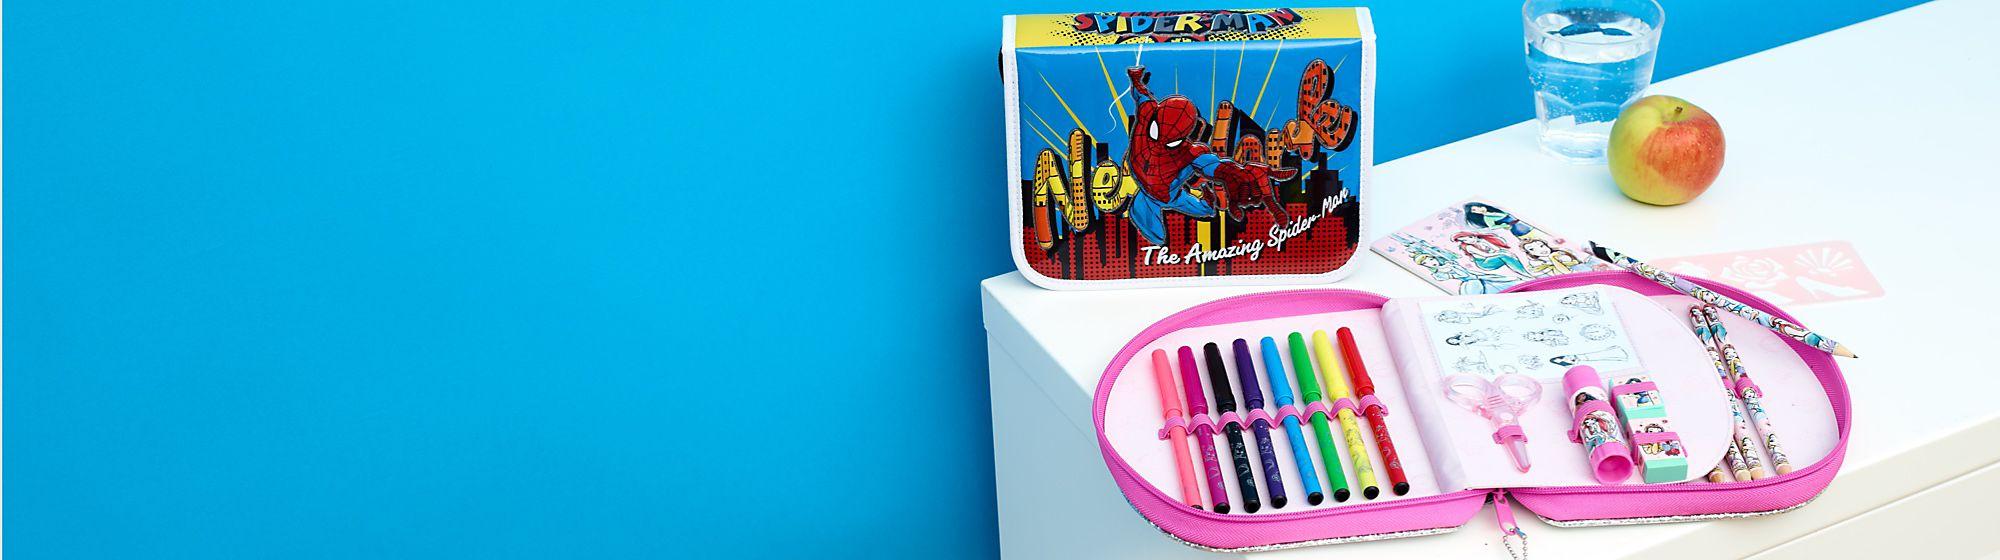 Coloriage Soyez créatifs avec nos kits de coloriage et de peinture à l'image de vos personnages favoris, des Princesses Disney à Toy Story.